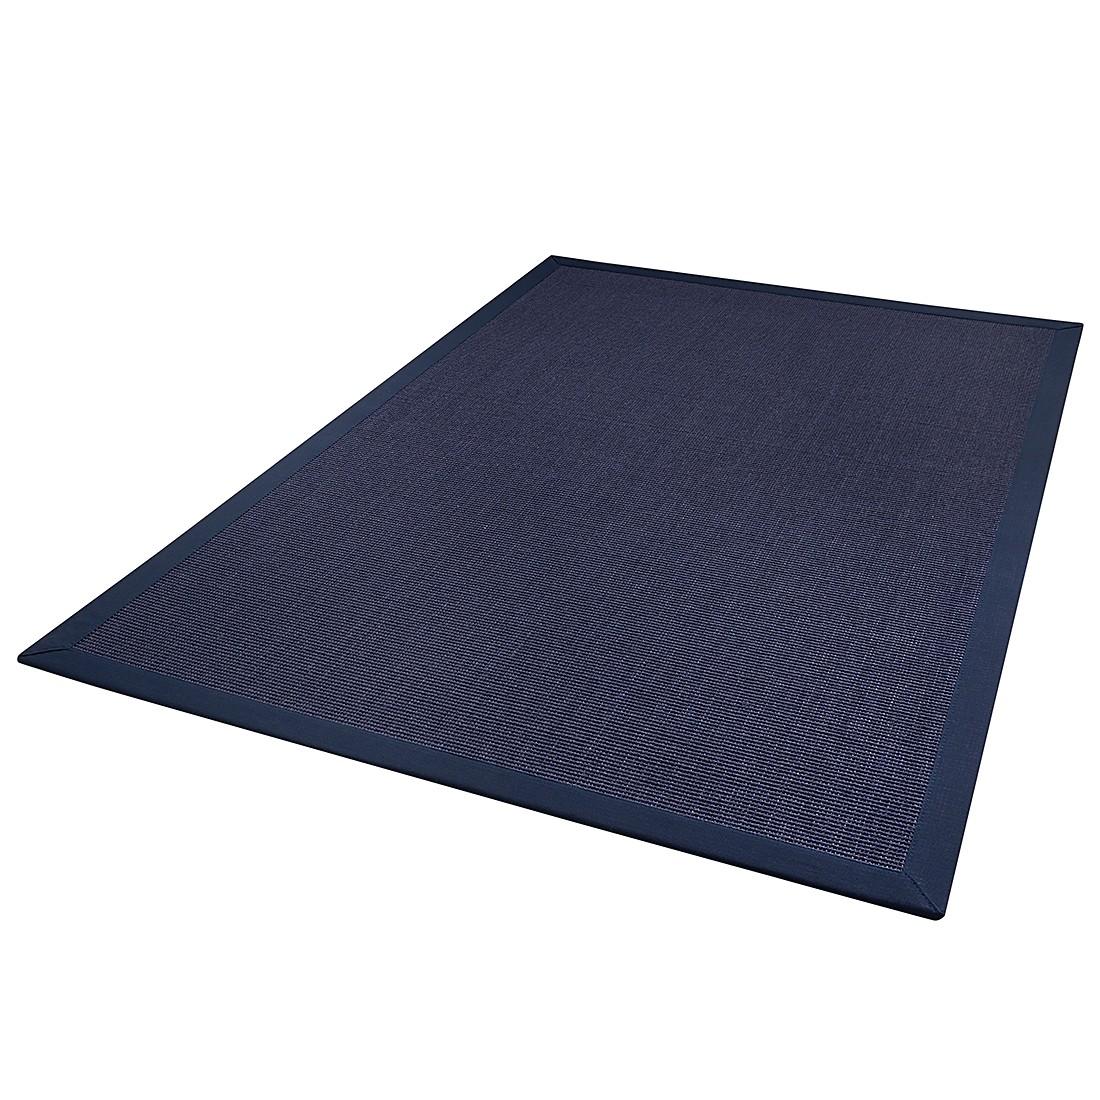 Teppich Mara A2 – Marineblau – 170 x 230 cm, DEKOWE günstig online kaufen